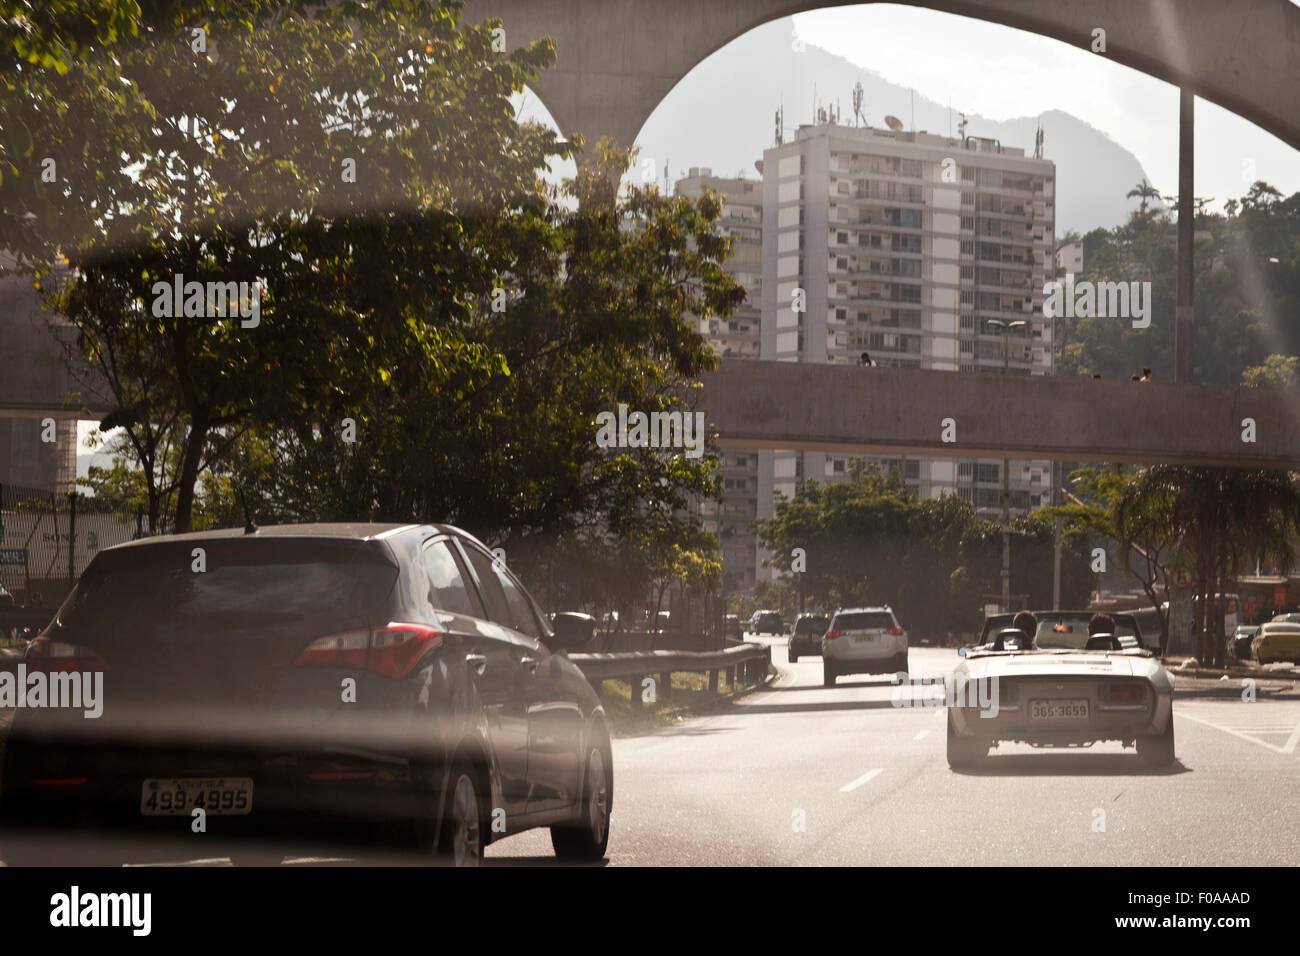 Voitures voyageant sur la route, vue arrière Photo Stock